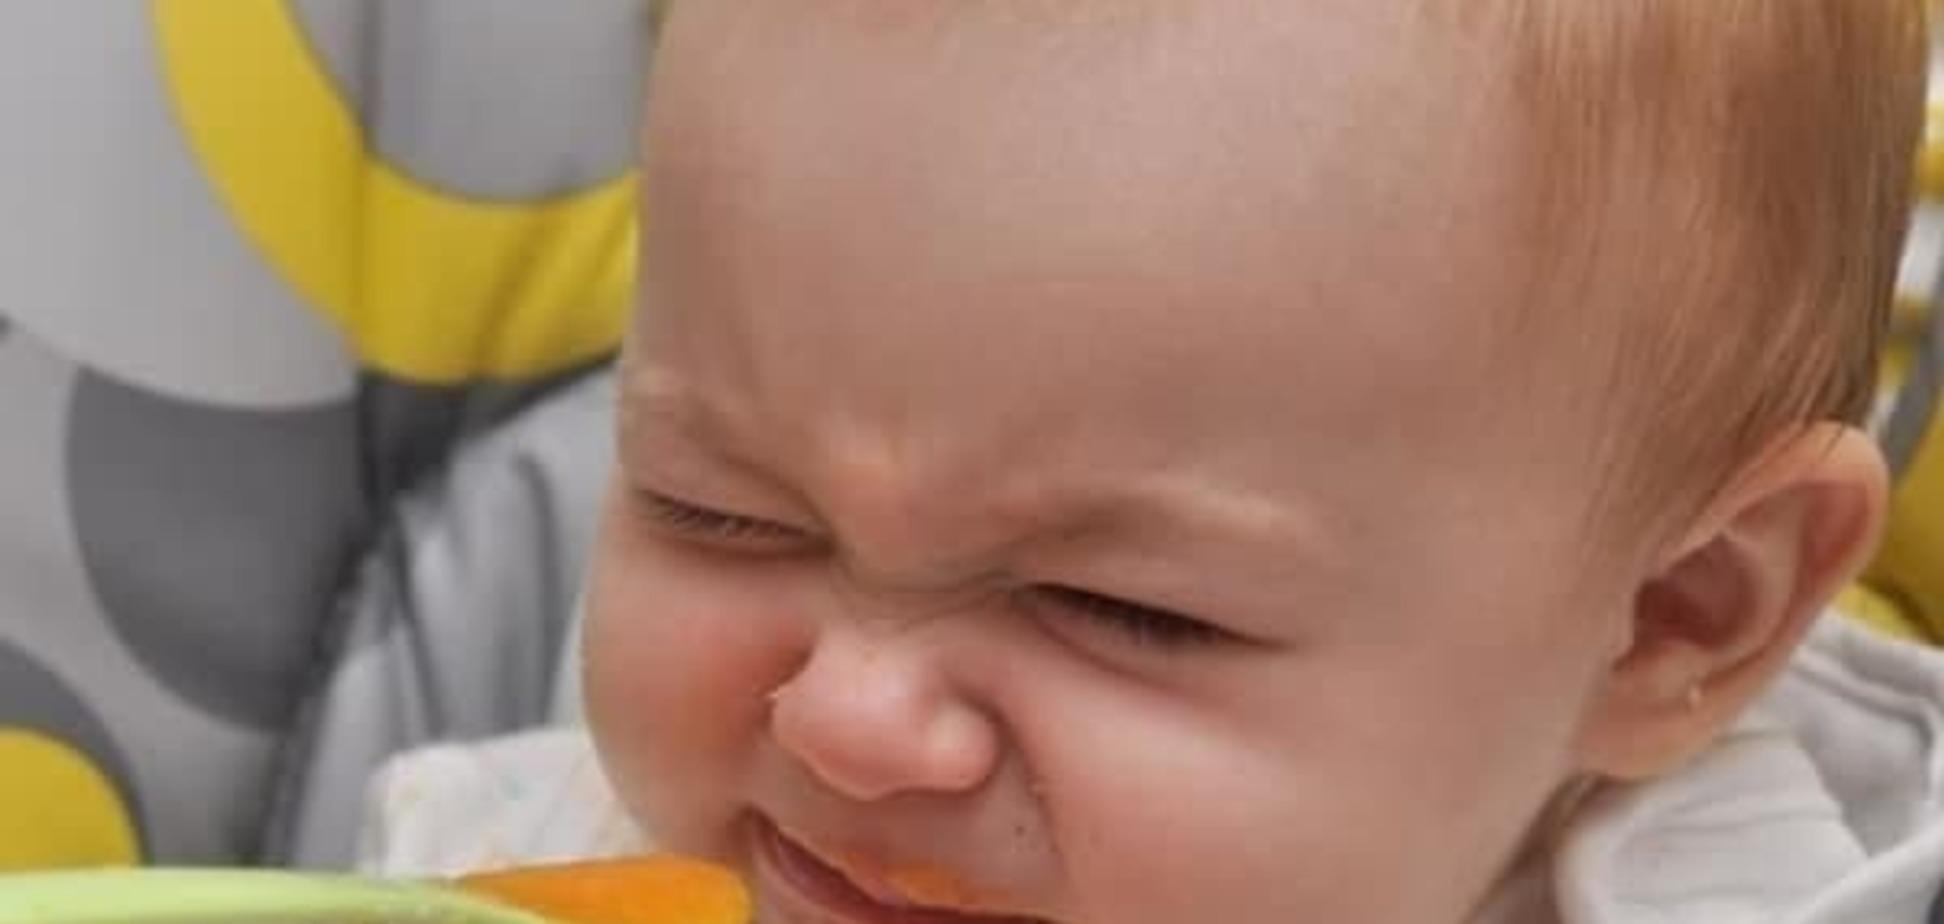 Ошибки прикорма, которые мамы допускают чаще всего